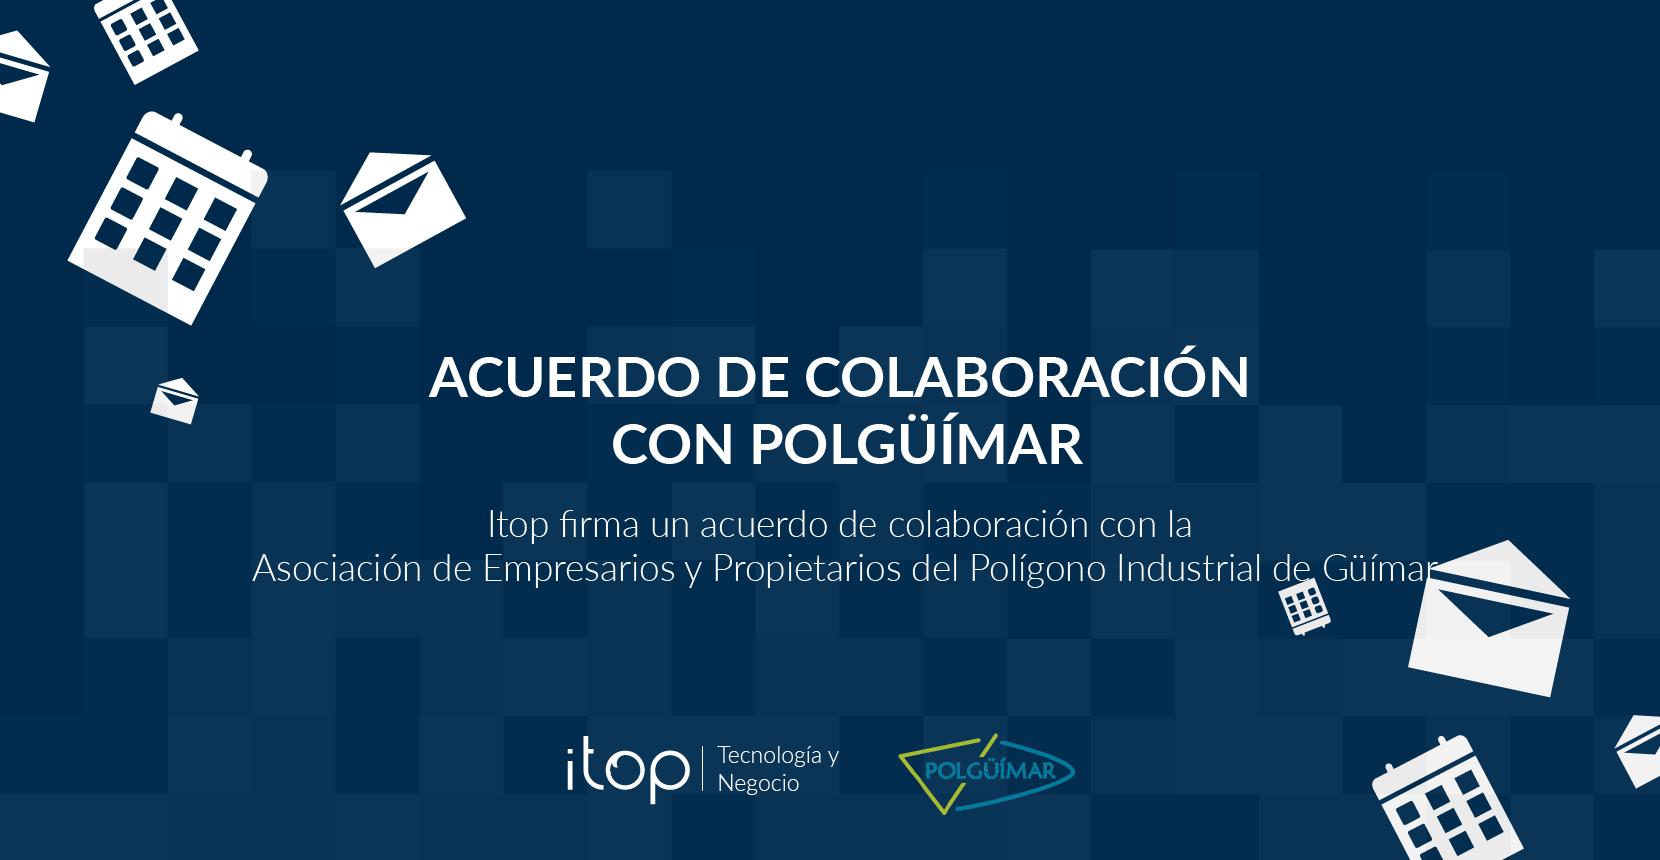 Itop firma un acuerdo de colaboración con el Polígono de Güímar